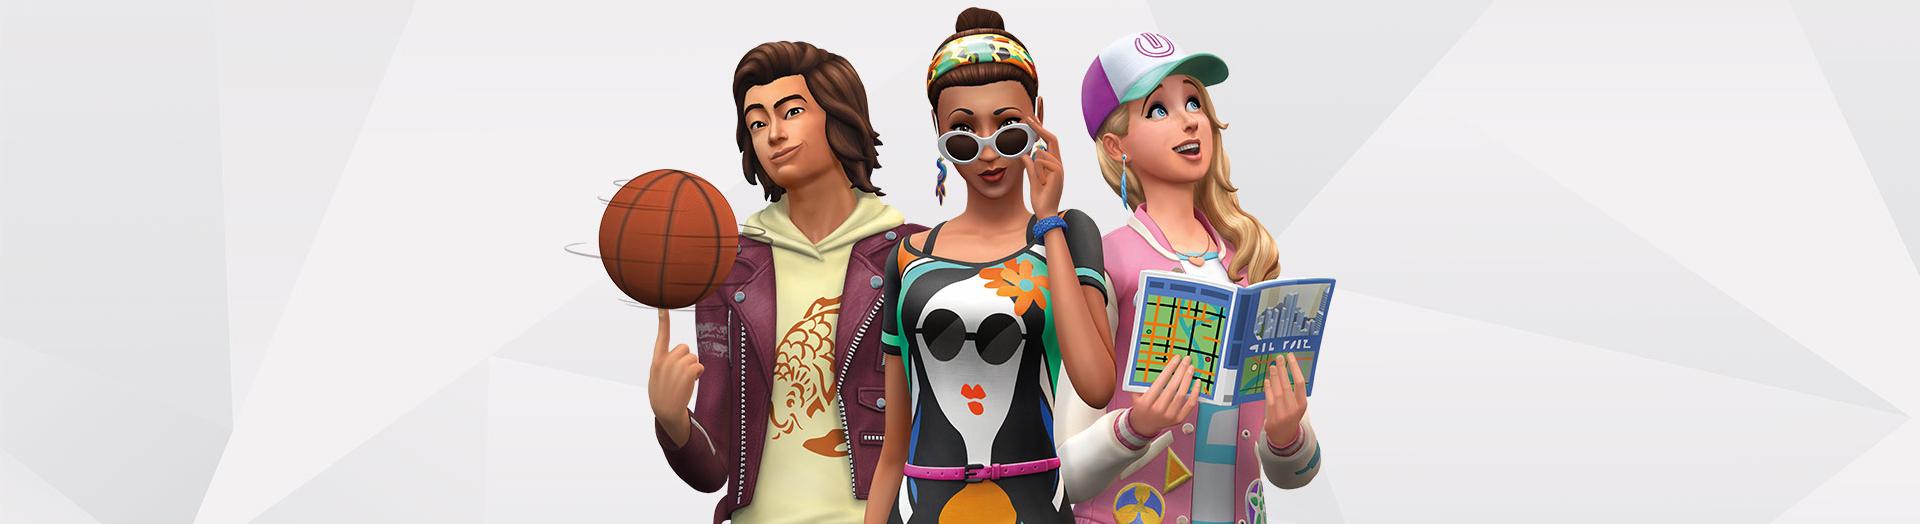 Les Sims 4 Vie Citadine [3 Novembre 2016] 826532TS4EP3VidHeader1